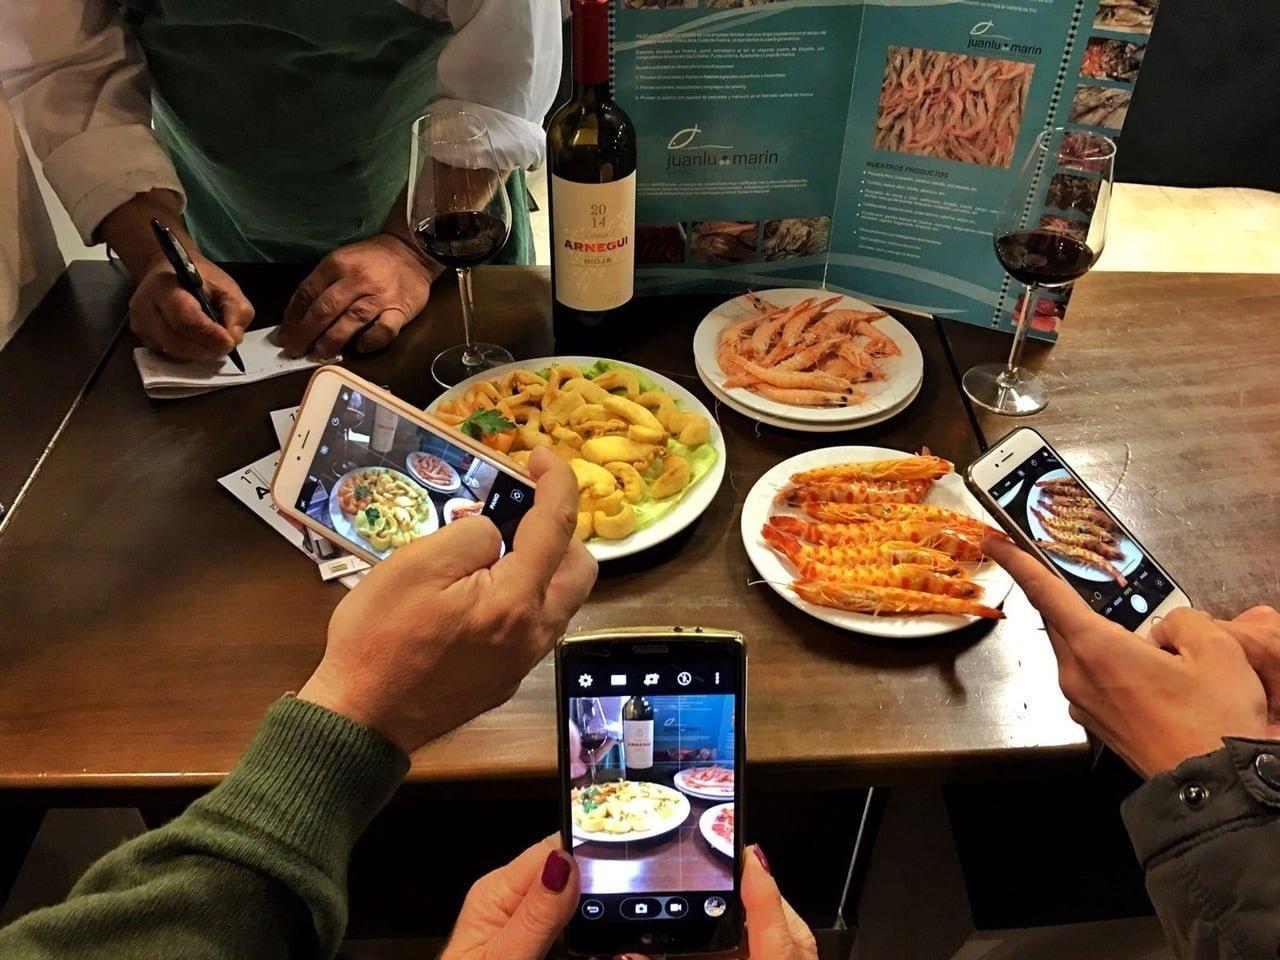 El choco y otros productos de Huelva estarán en blog gastronómicos.